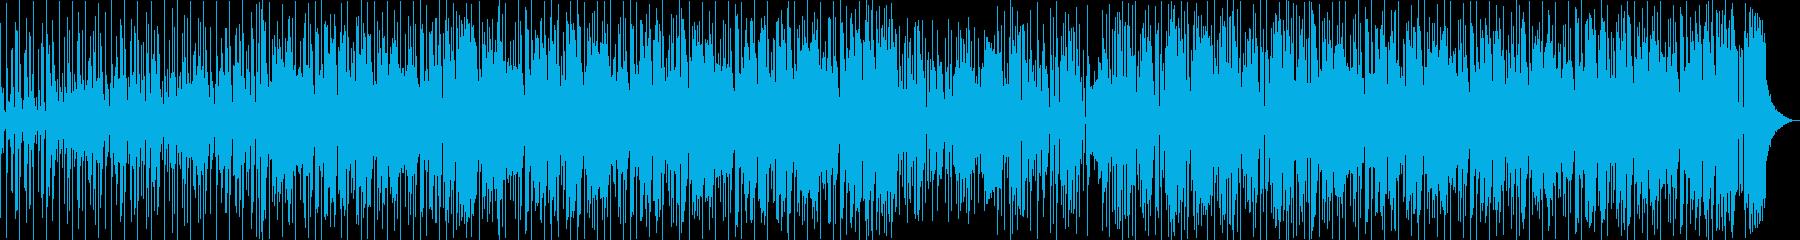 都会的でクールなジャズファンクの再生済みの波形